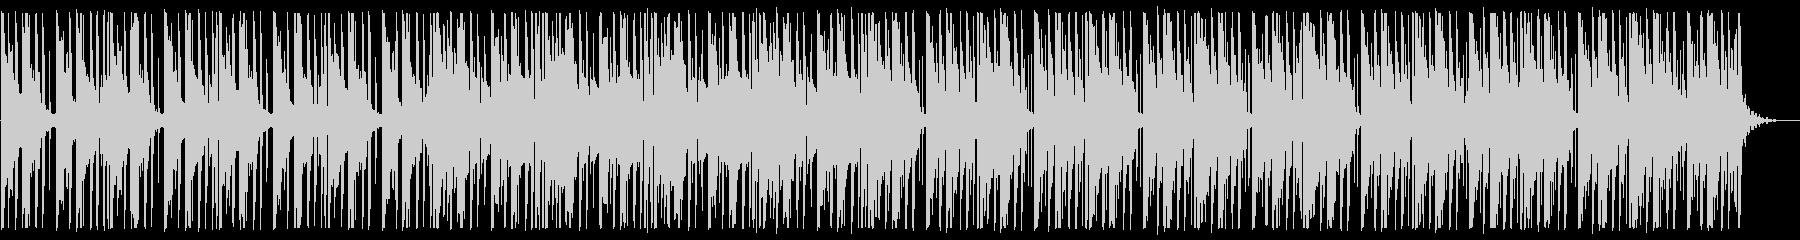 寂しい/ピアノ/R&B_No489_2の未再生の波形